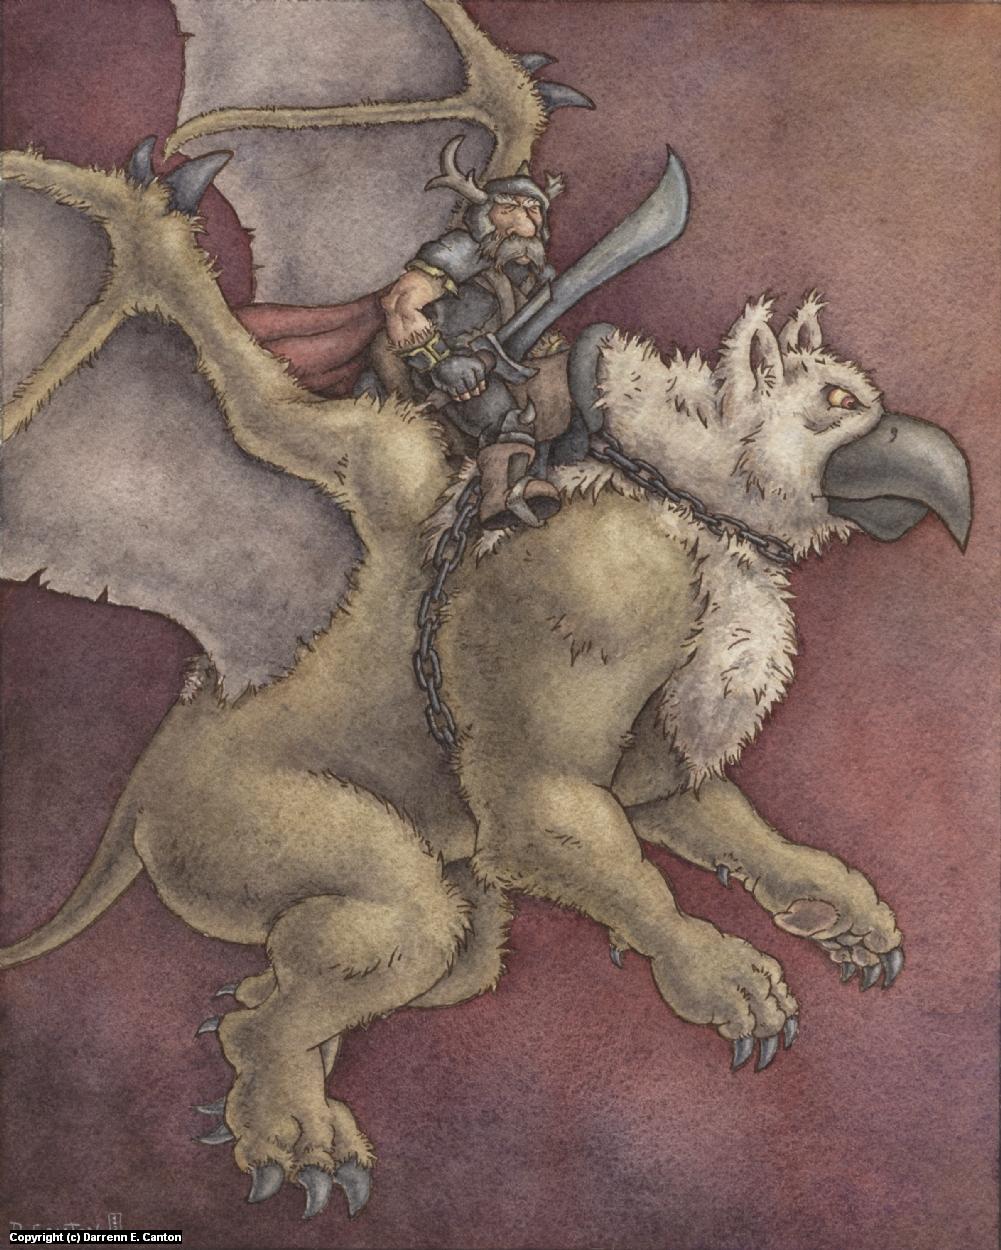 Griffin-goyle Rider Artwork by Darrenn Canton